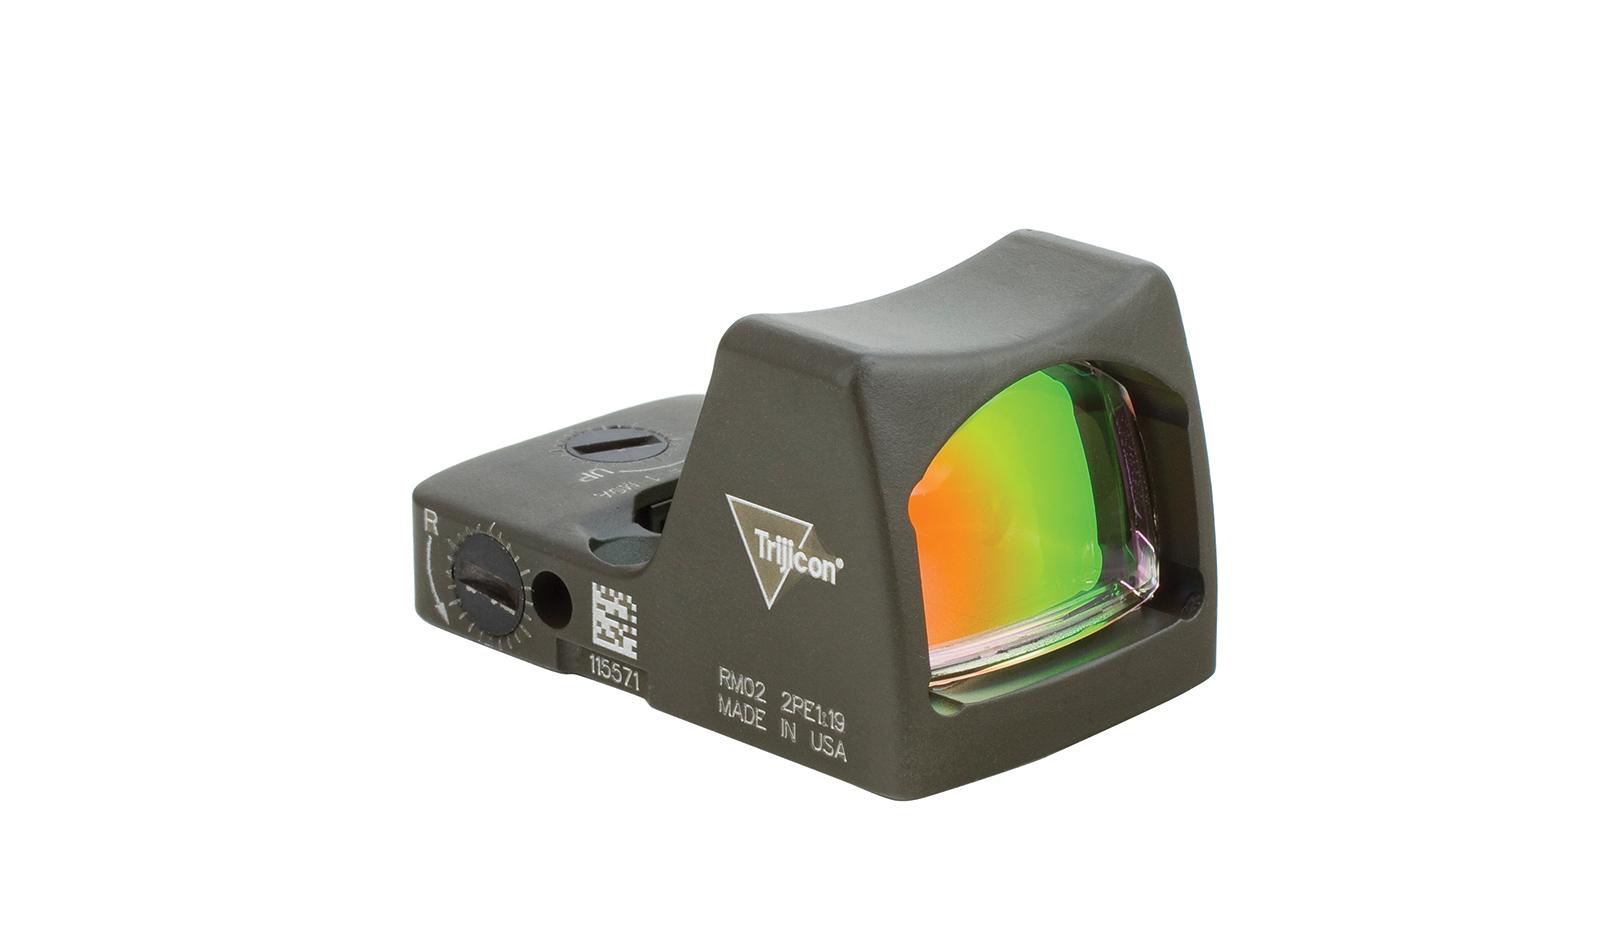 RM02-C-700644 angle 7